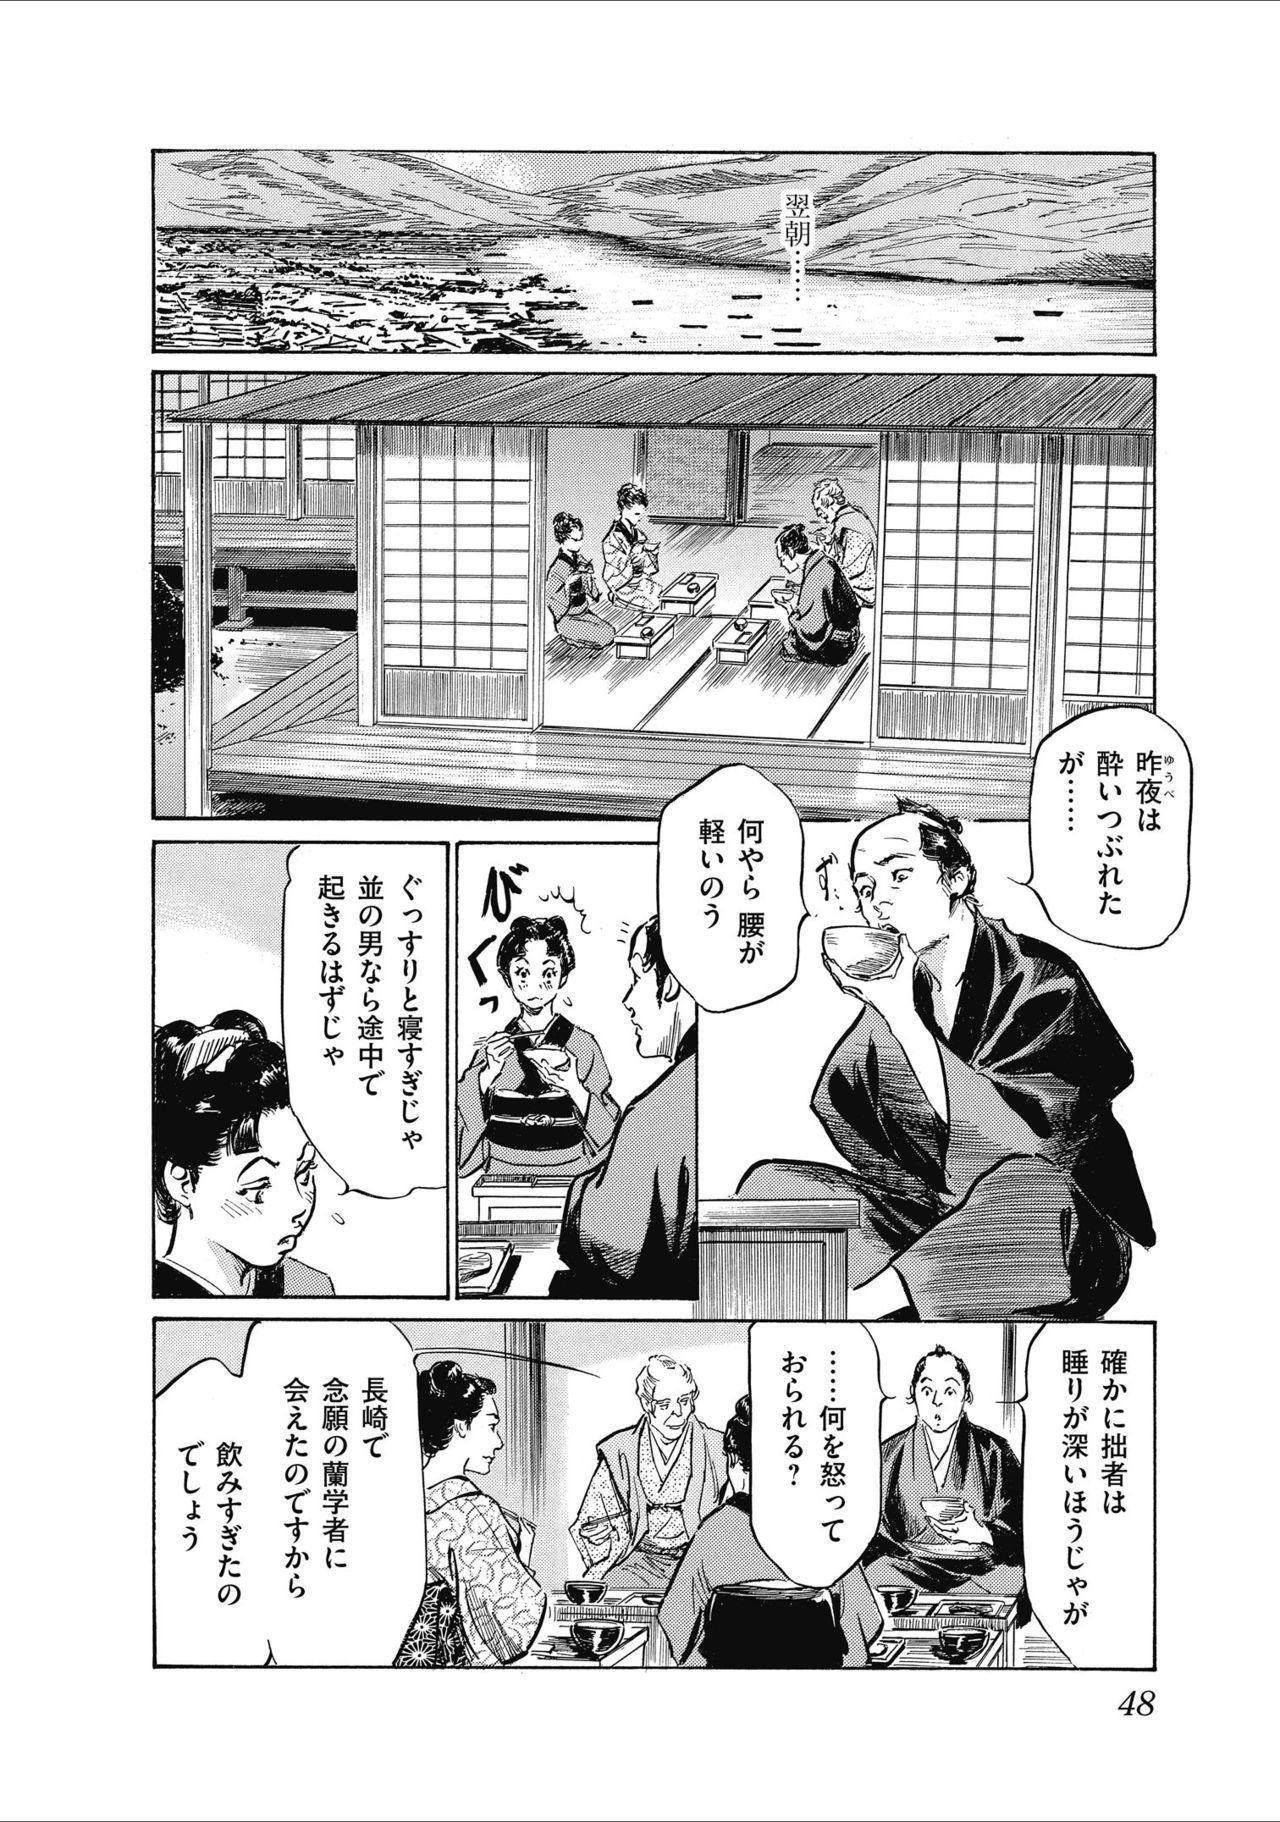 ひめごと 浮世艶草子 49